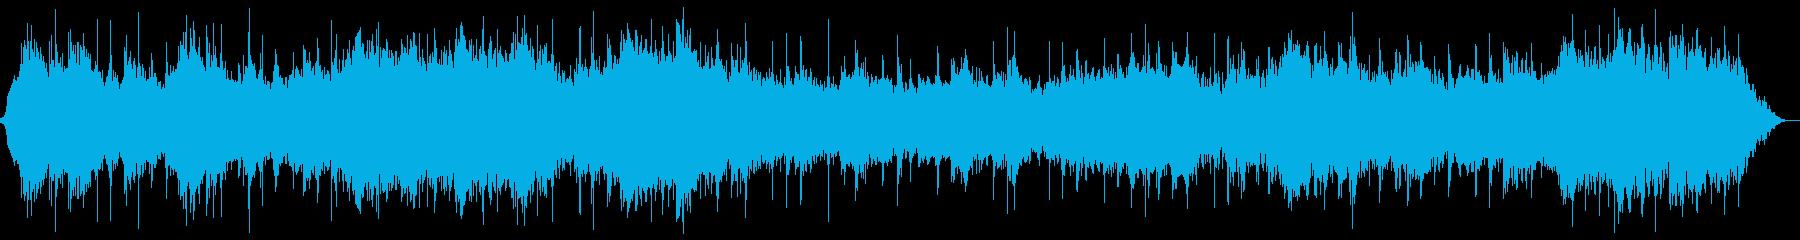 和風ヒーリング 琴 マインドフルネスの再生済みの波形